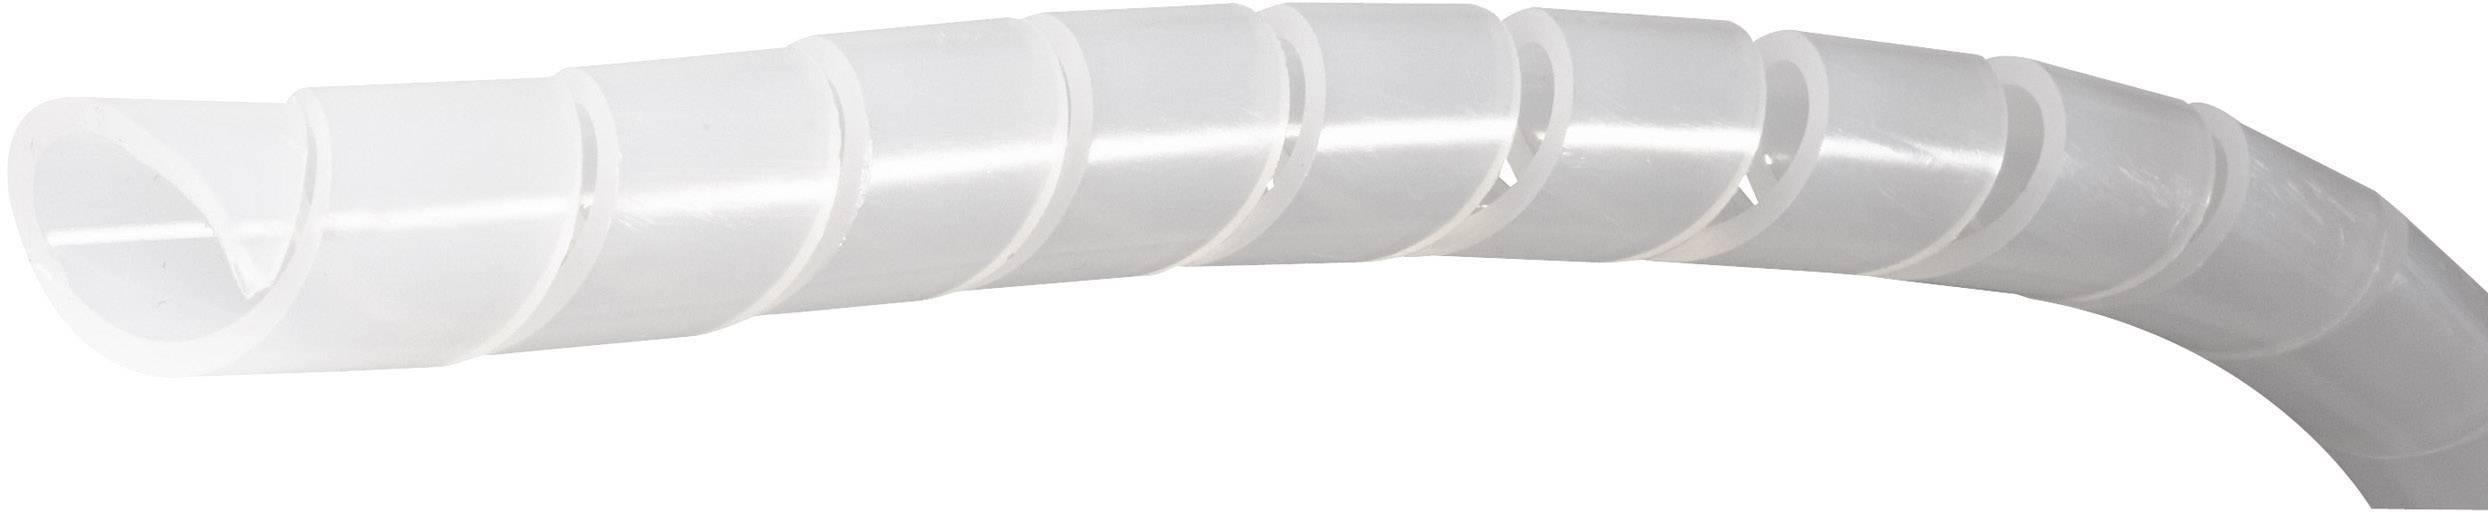 Špirálový káblový oplet PB Fastener SB 120E SB 120E, prírodná, metrový tovar